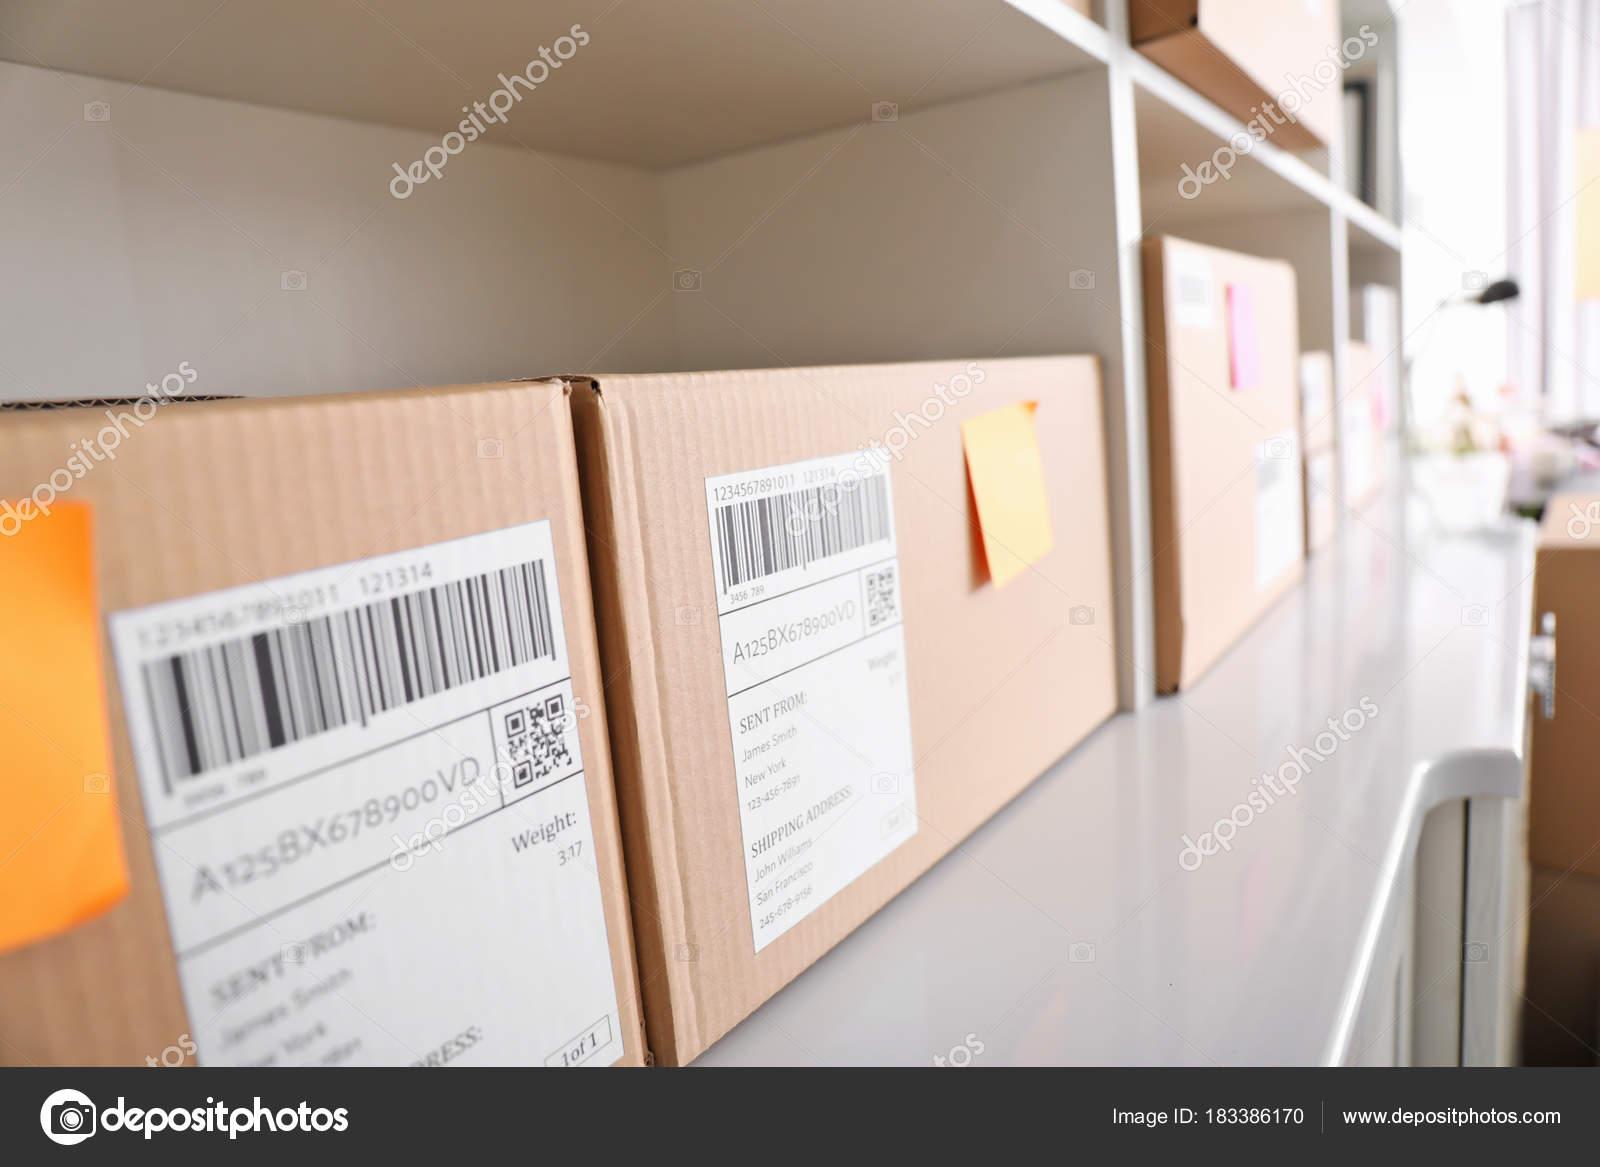 fc609e14948 Ράφια με δέματα έτοιμα για αποστολή σε πελάτες στο γραφείο στο σπίτι ...